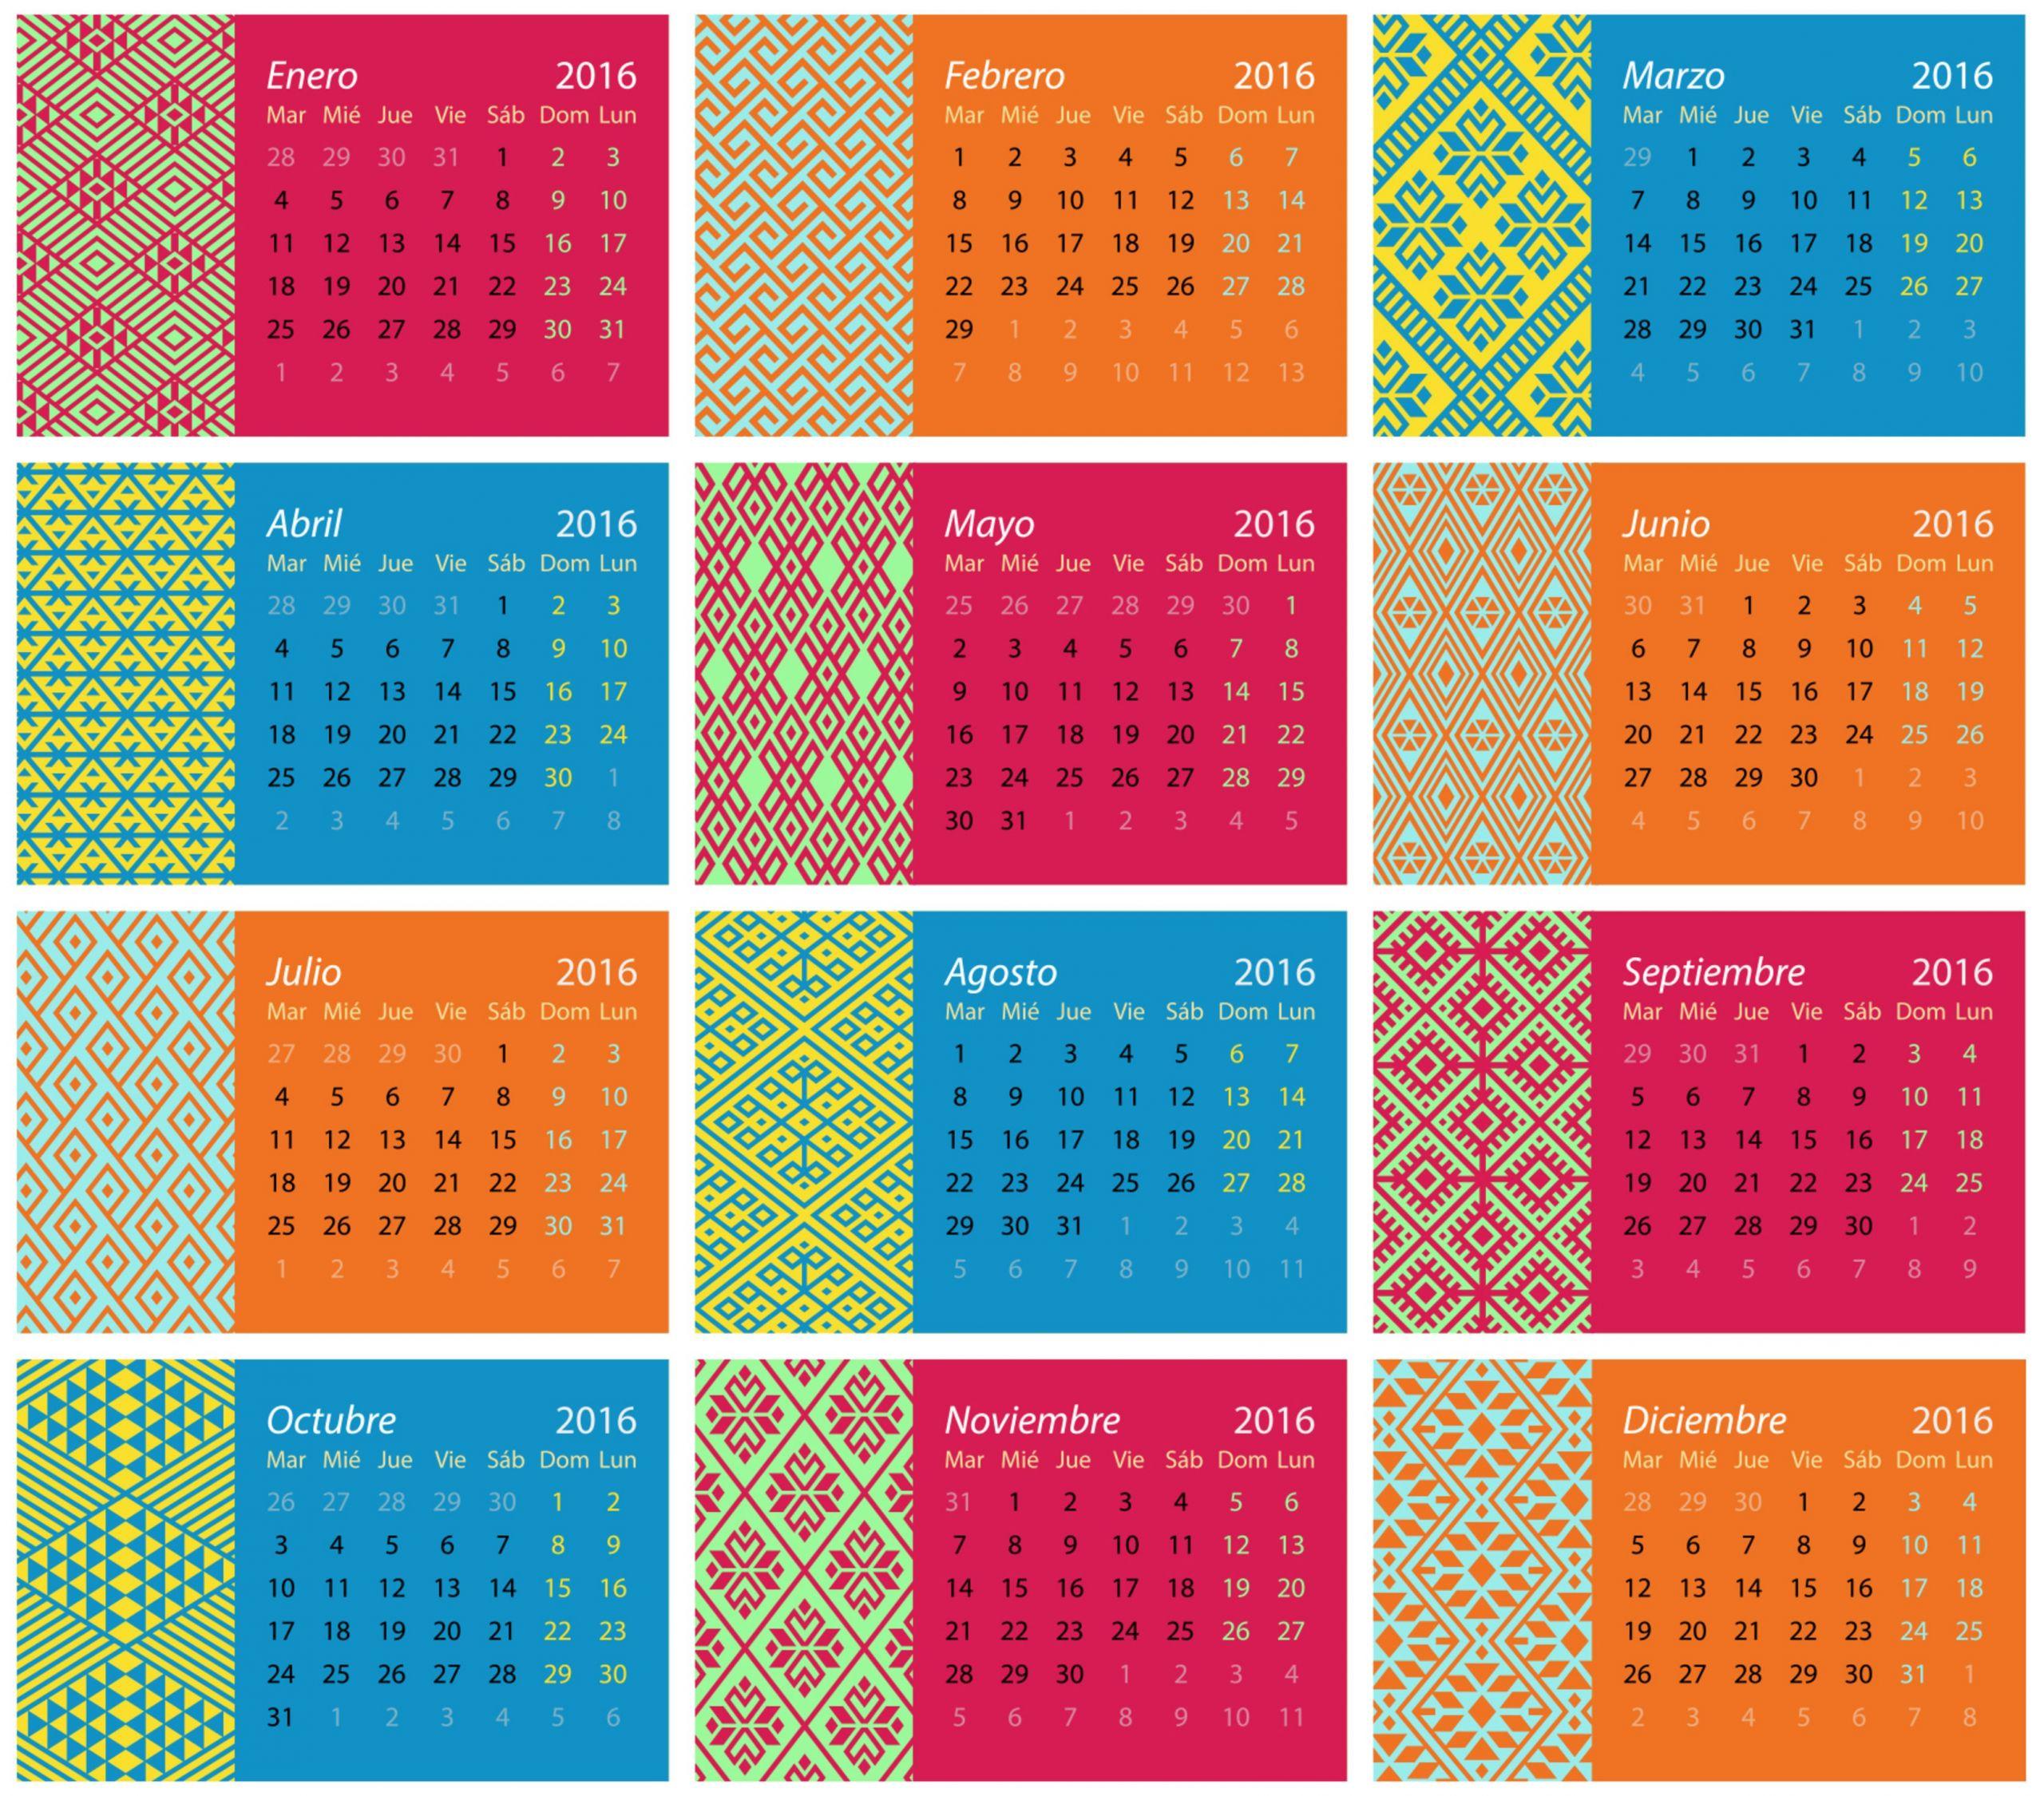 calendario 2016 2 3